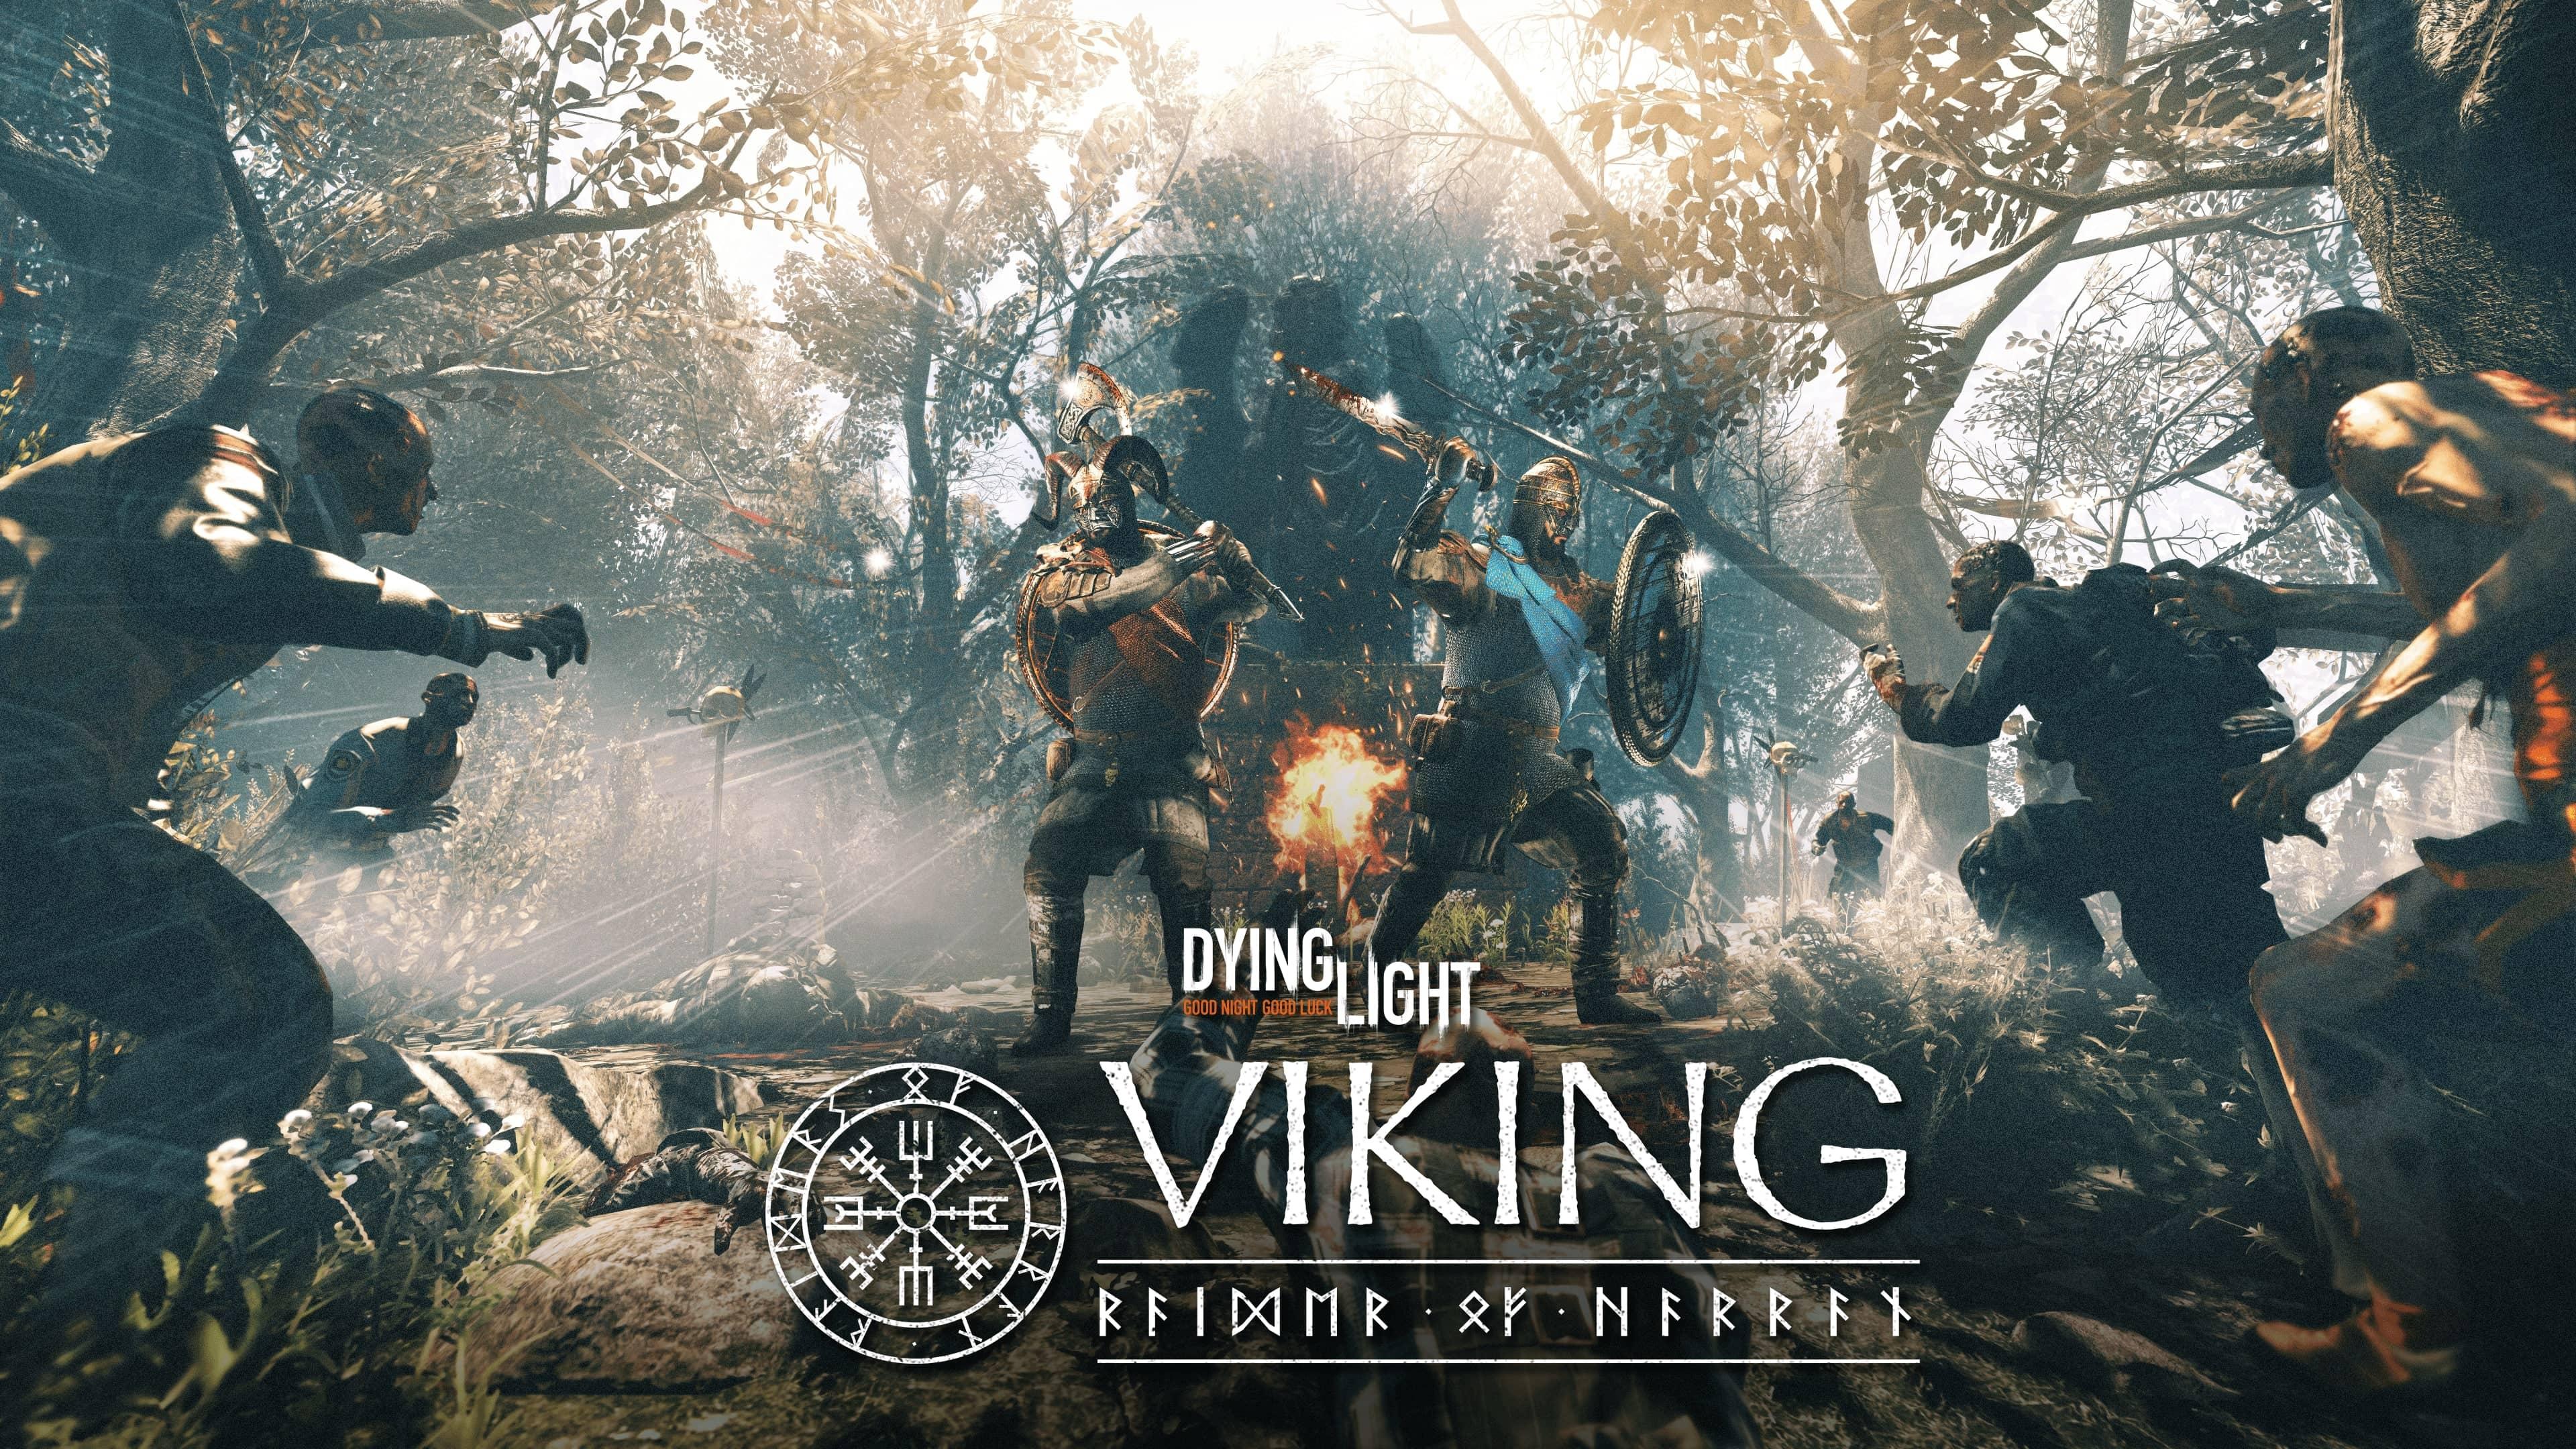 Dying Light - Viking: Raiders of Harran bundle | WW (69af461a-d481-4470-adda-1c52abca3d43)